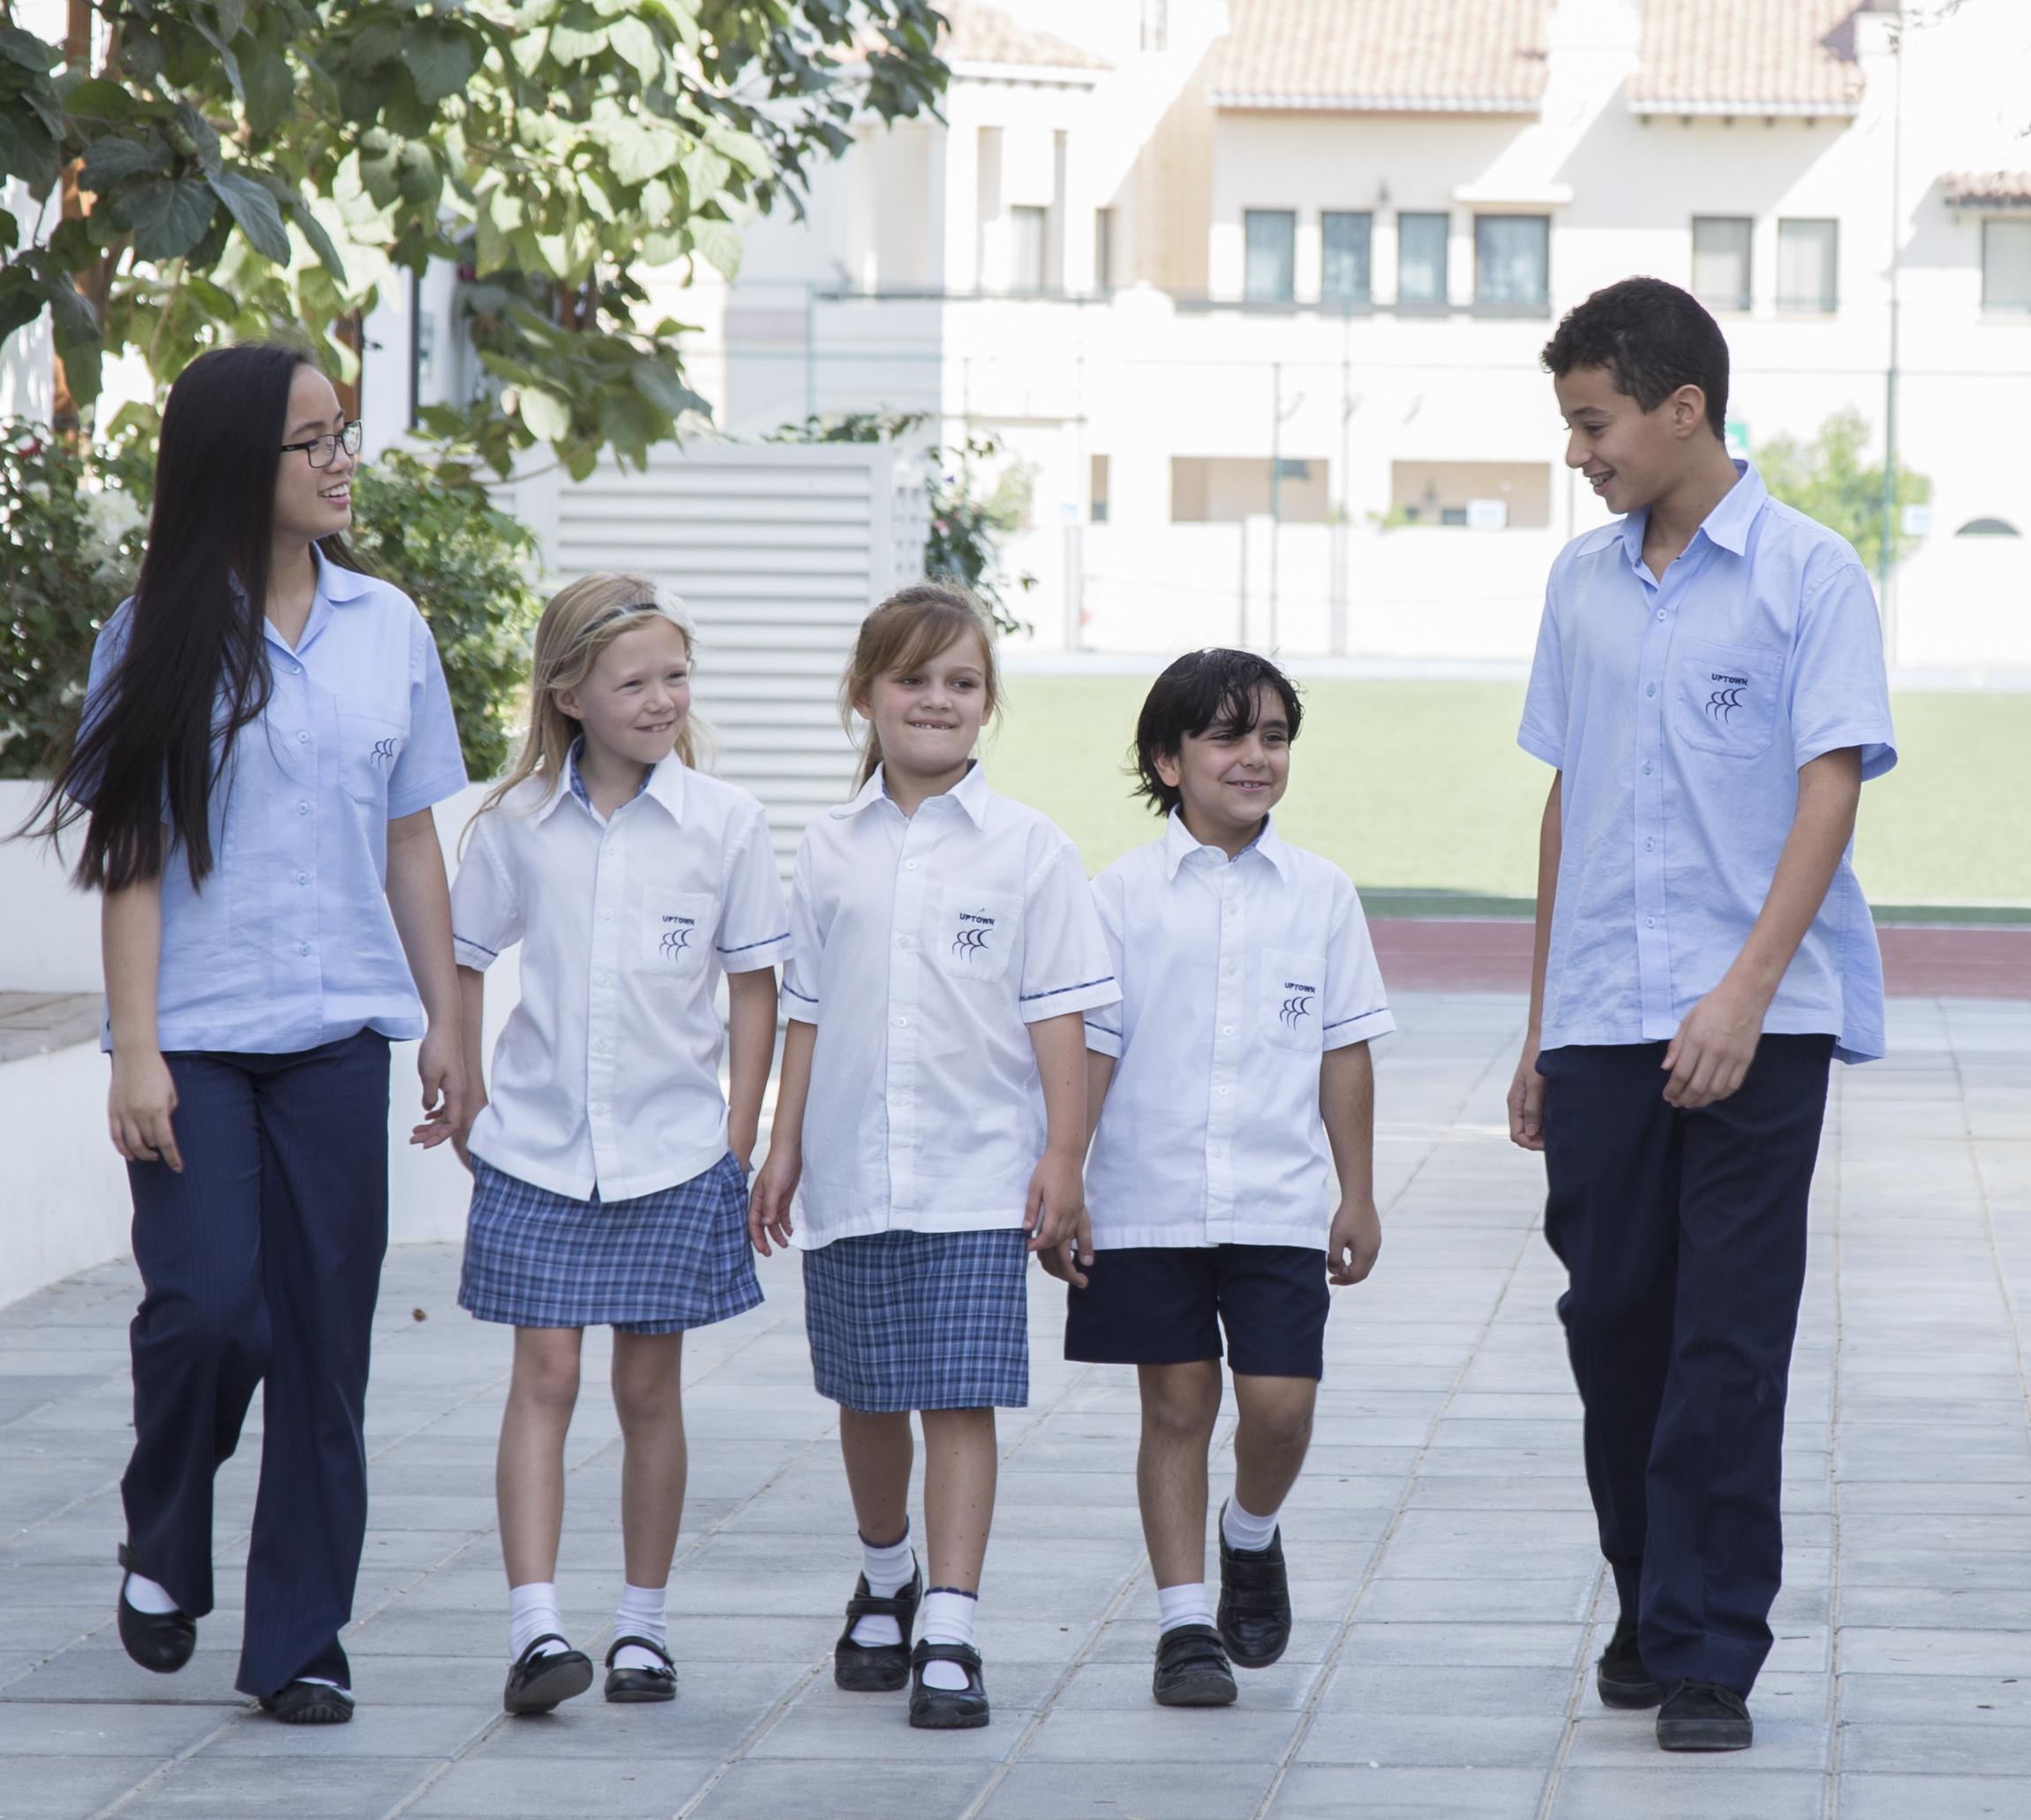 Uptown School Students